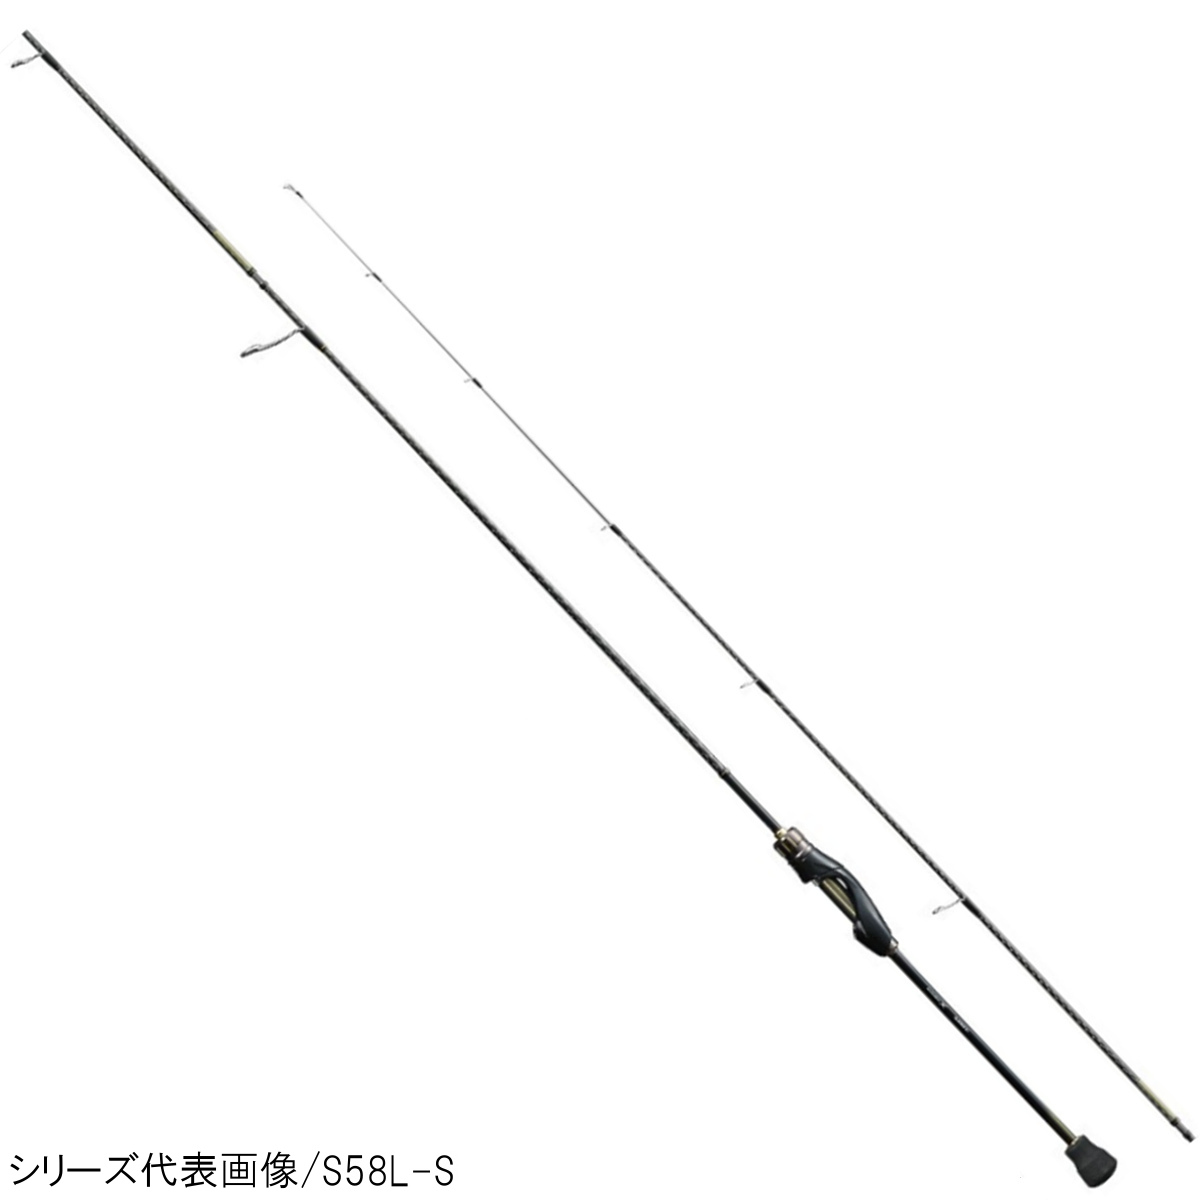 シマノ ソアレ SS アジング S68UL-S【送料無料】